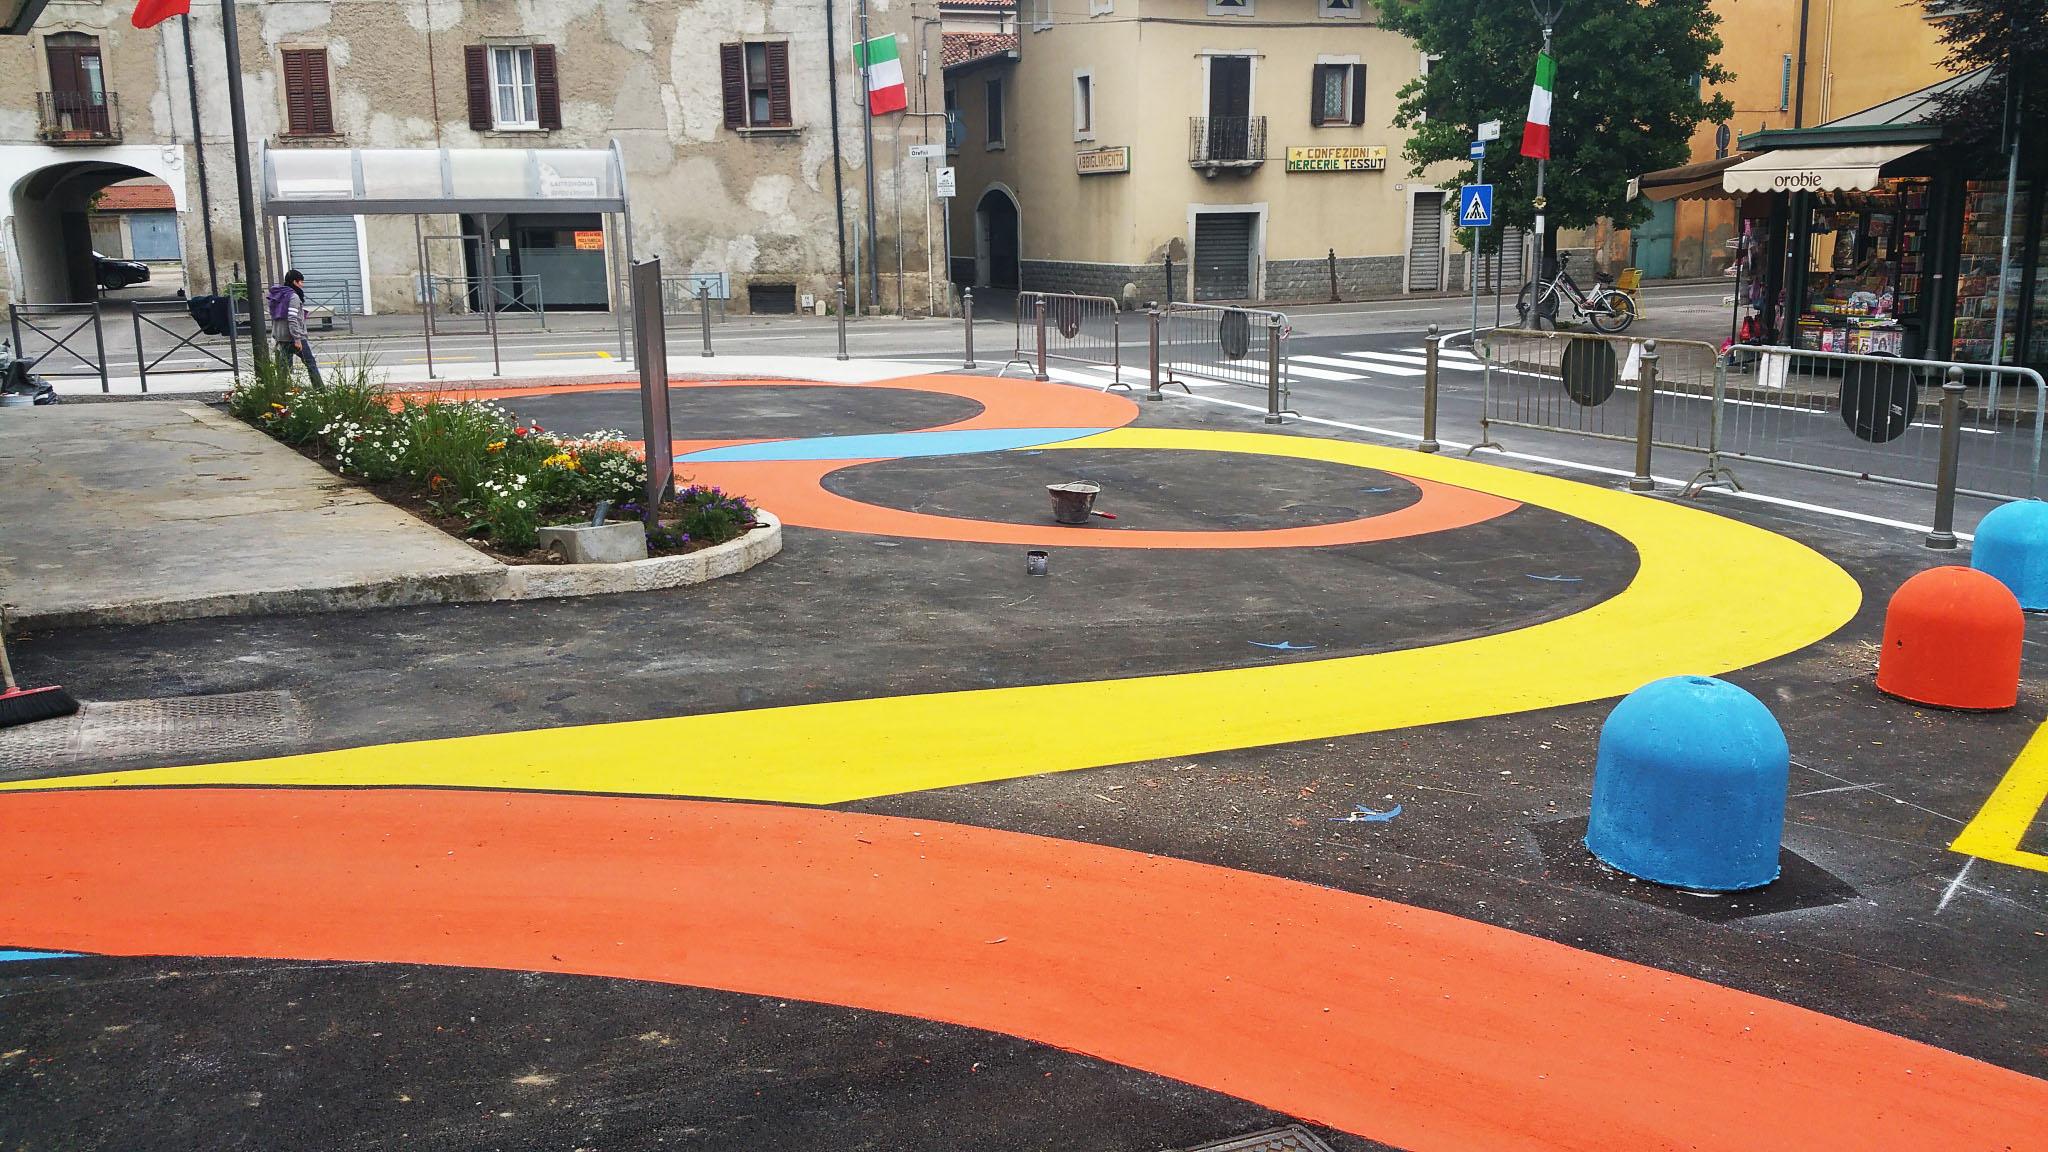 Progettazione partecipata di interventi di riqualificazione urbana e moderazione del traffico